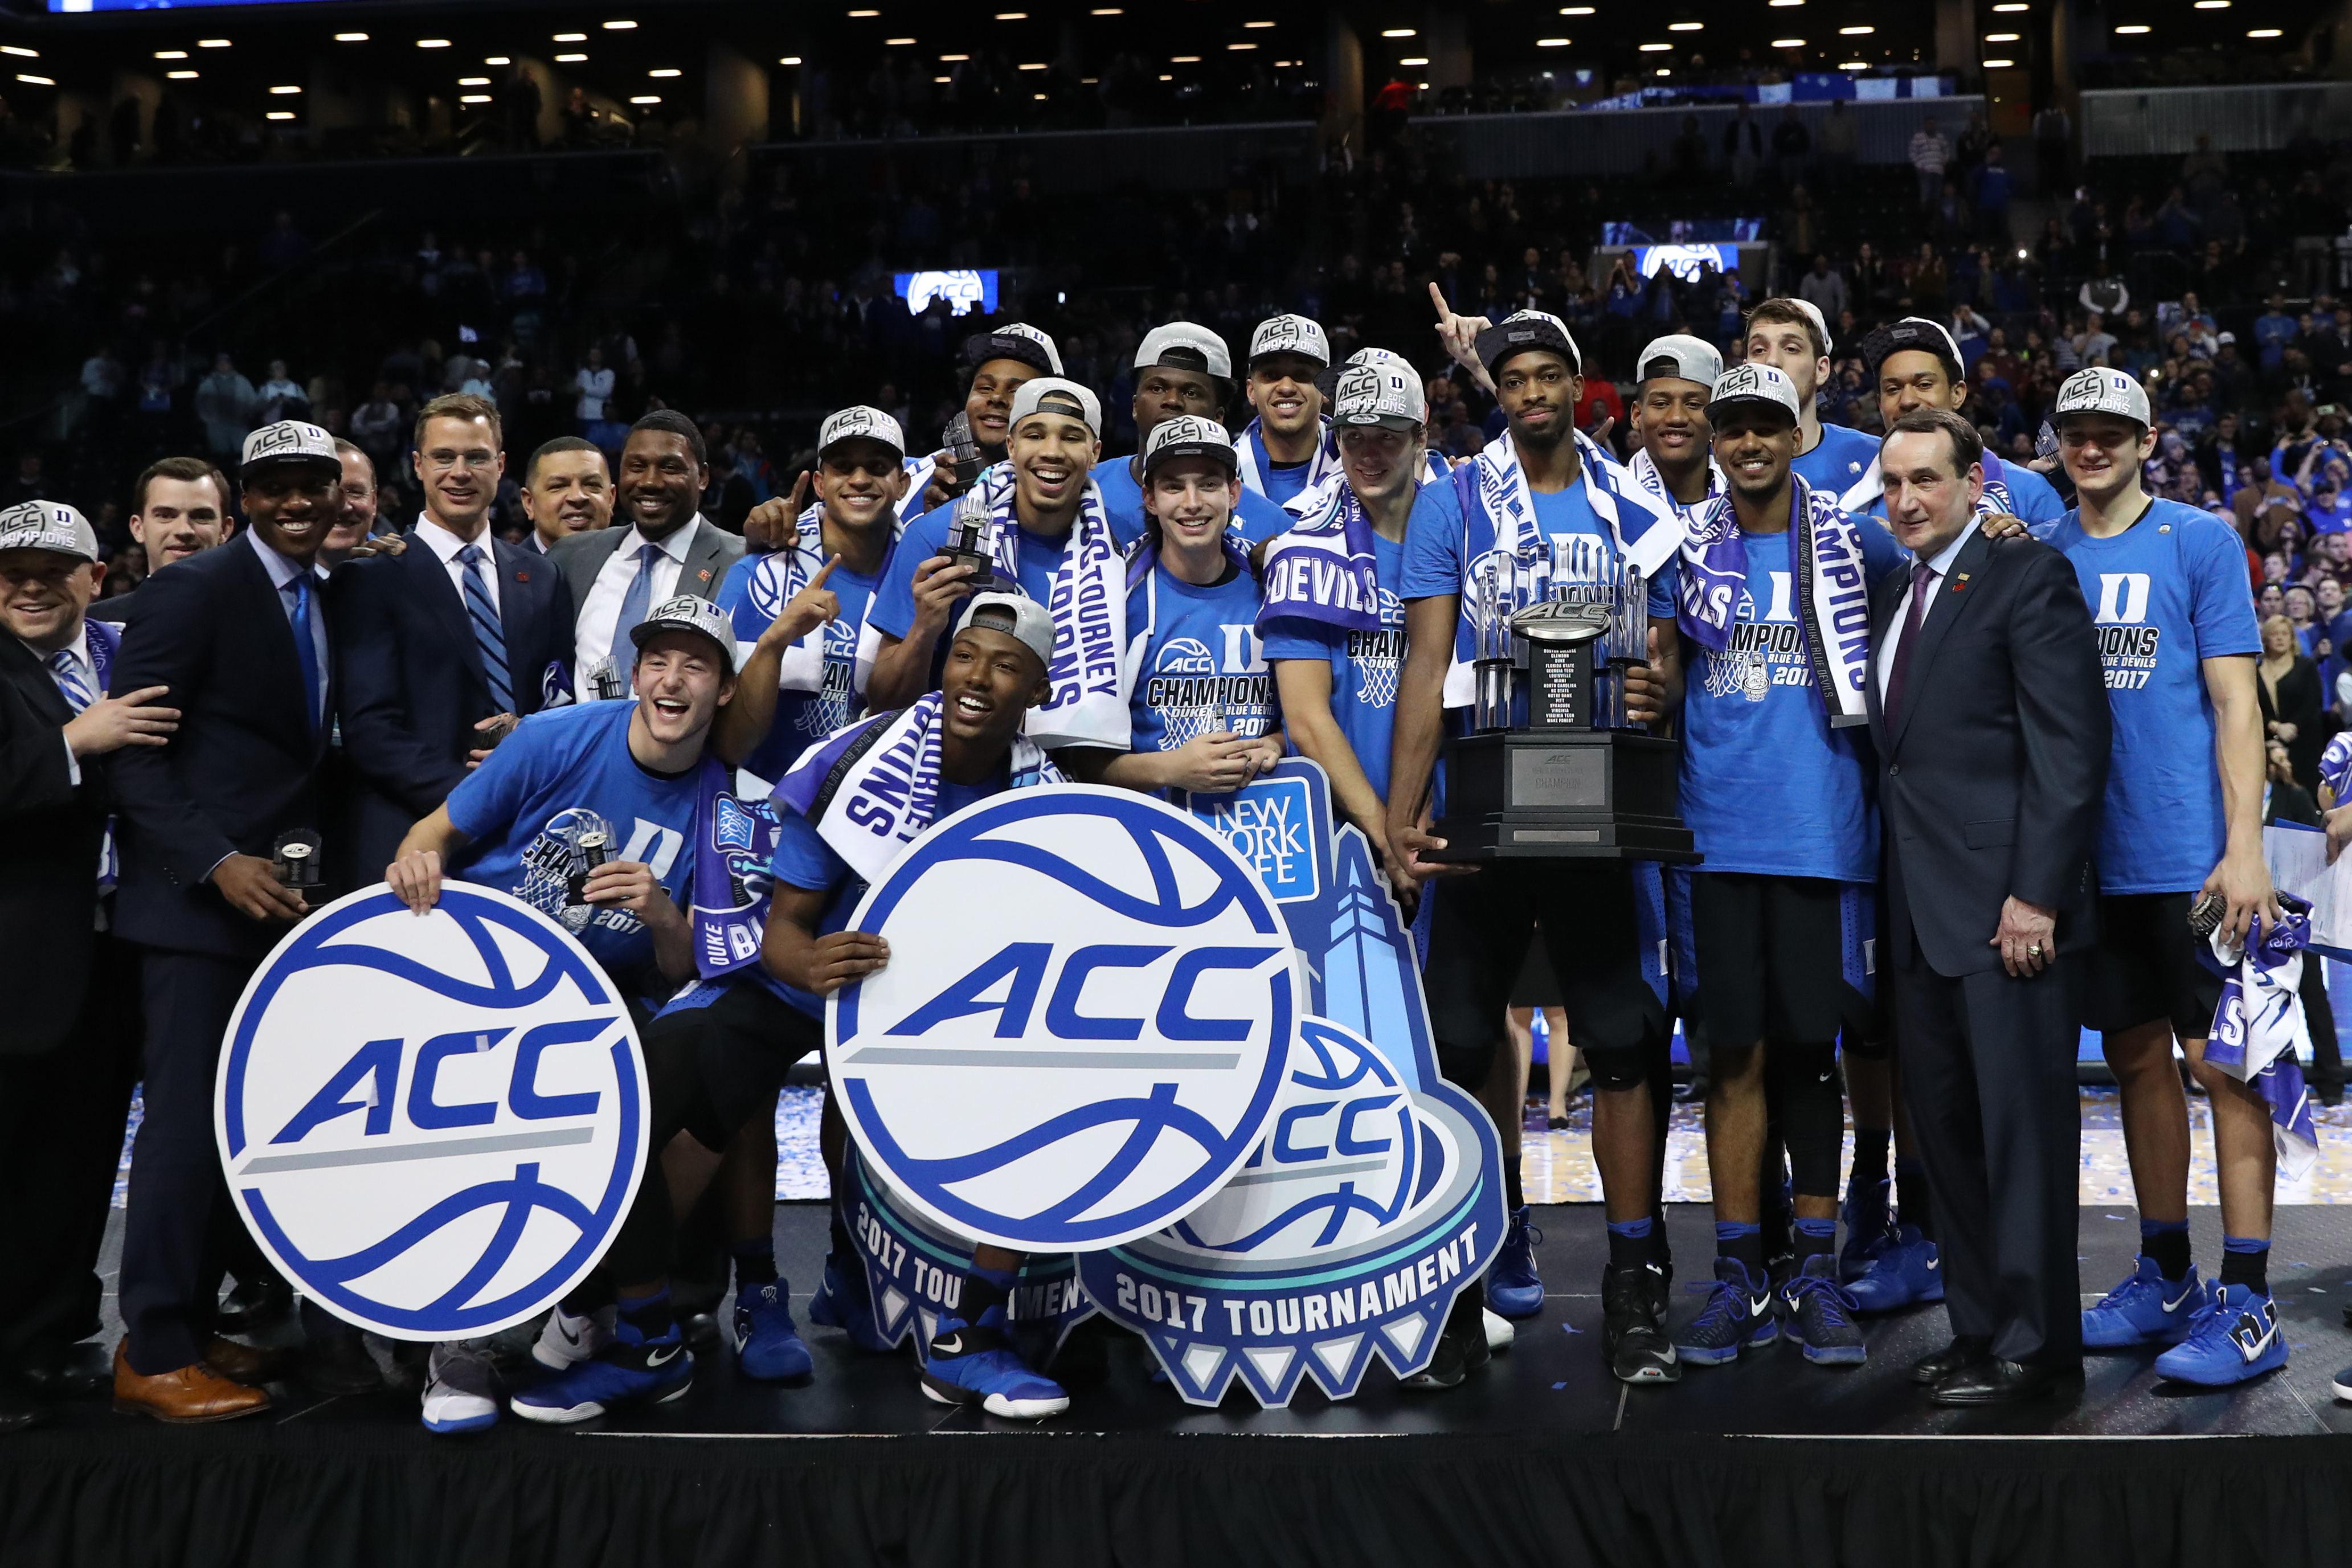 Duke Wins 2017 ACC Tournament Championship